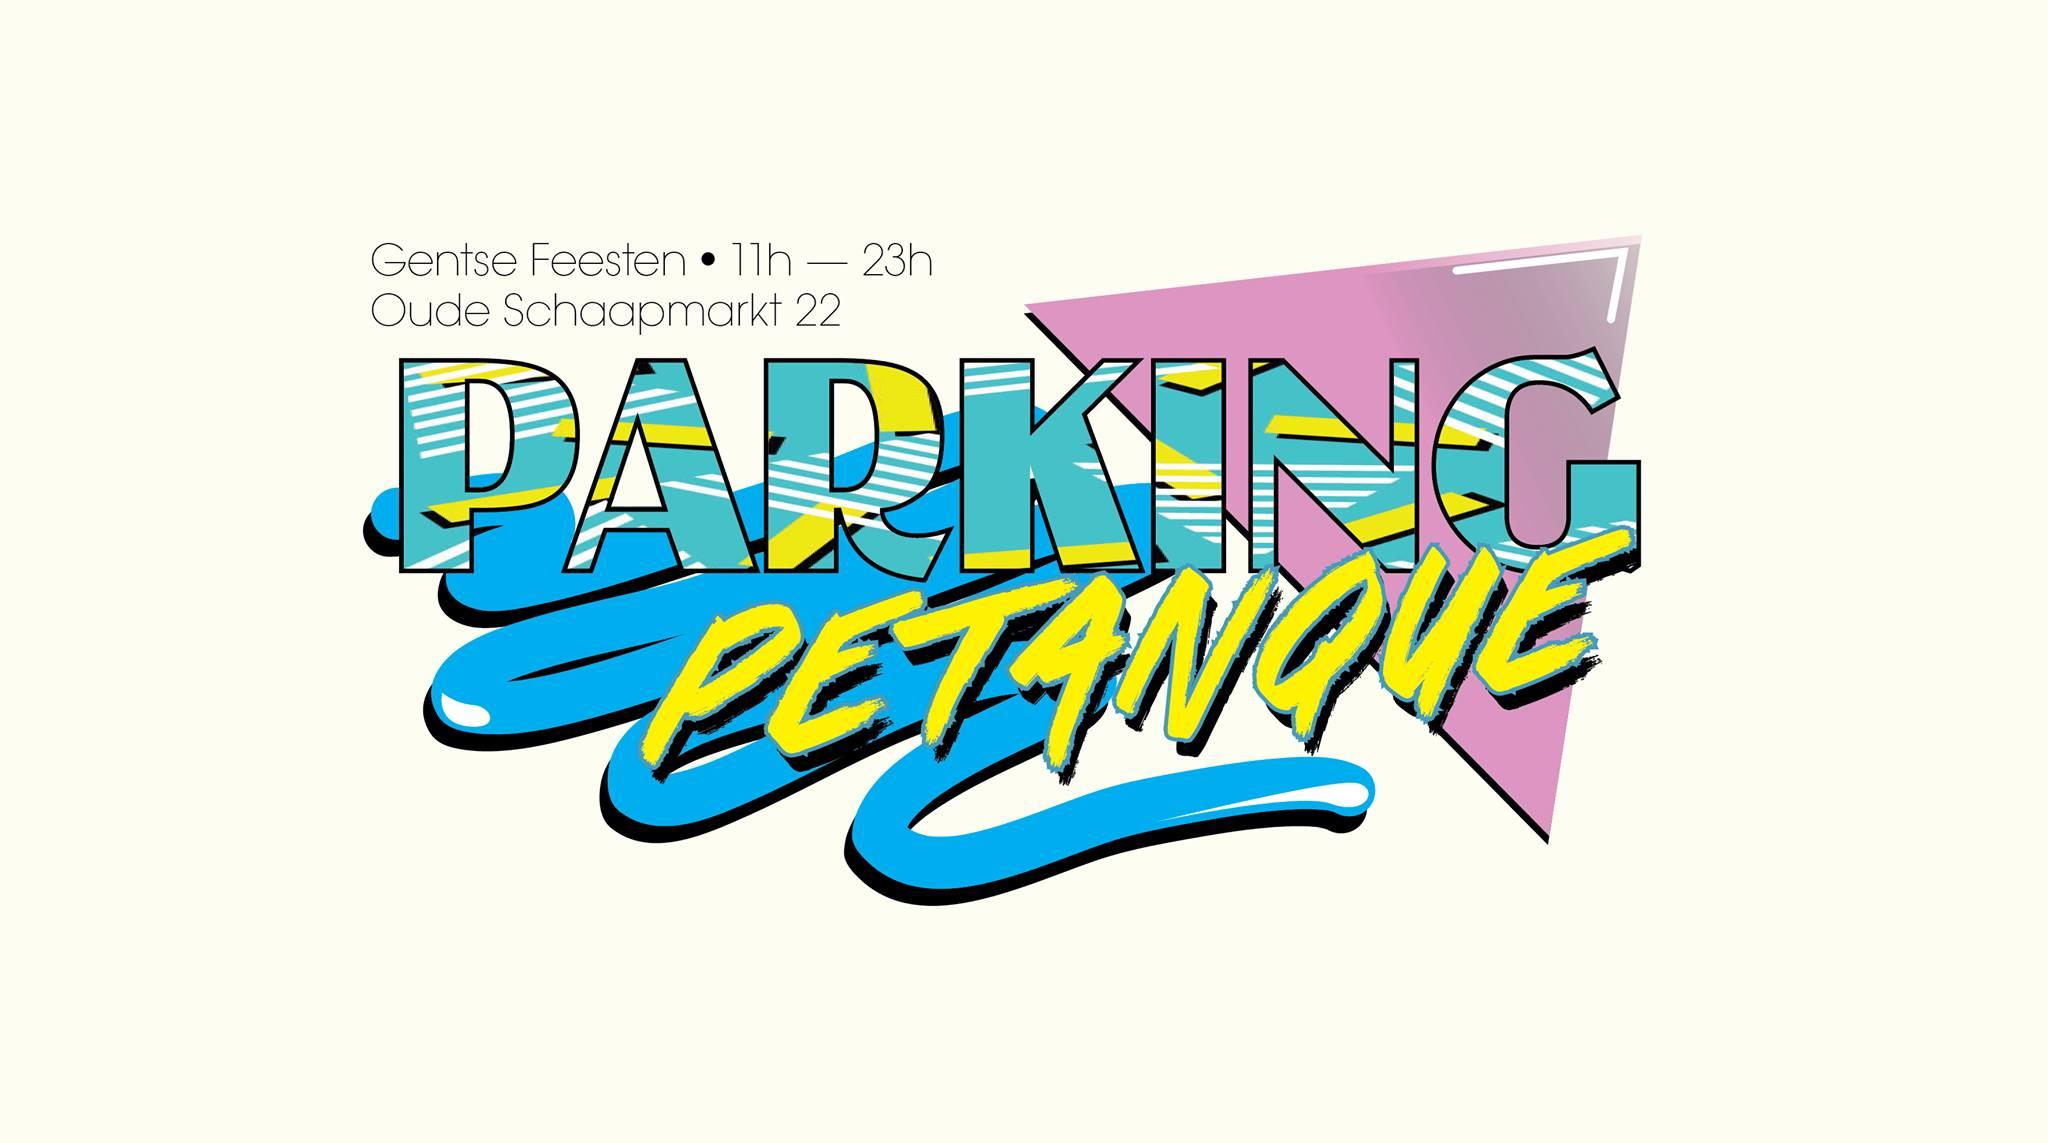 Parking Petanque